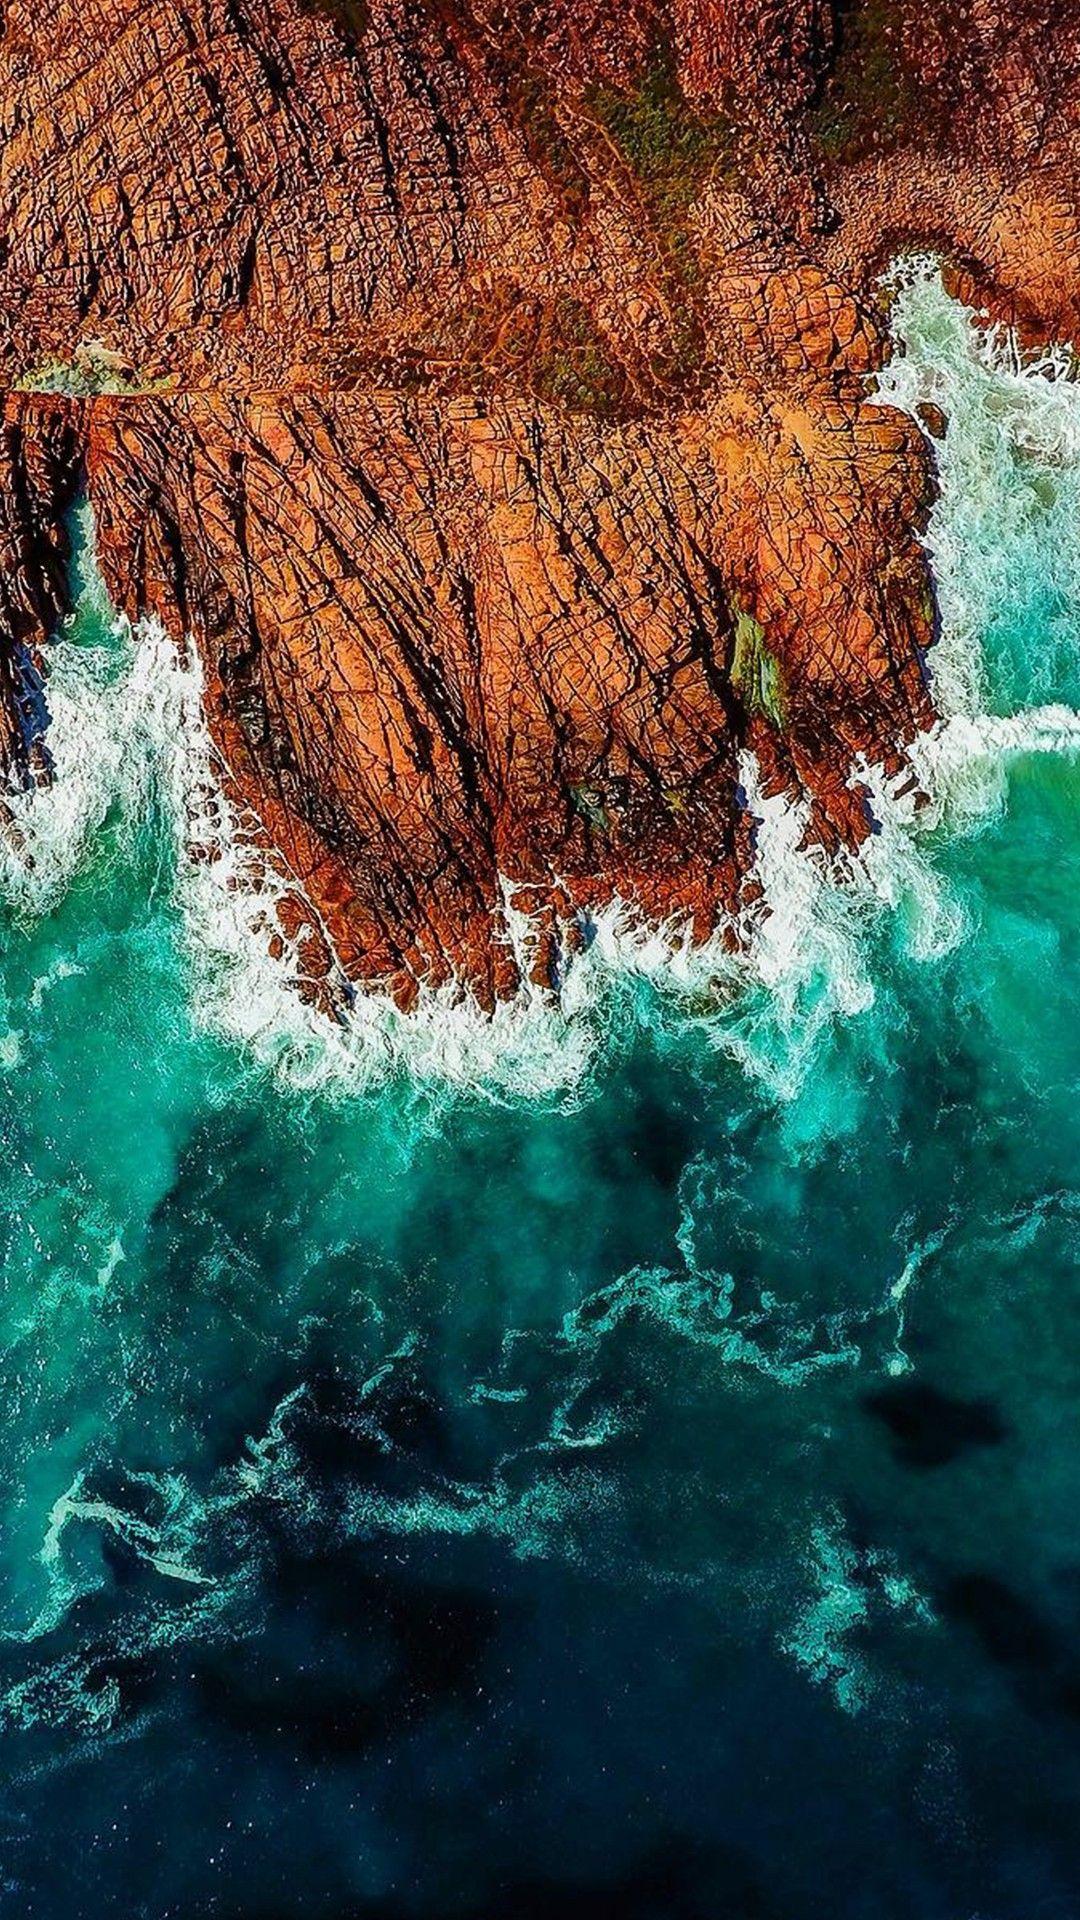 iPhone wallpaper. Ocean waves. | Graphic Design & Such em 2019 | Iphone wallpaper, S8 wallpaper ...